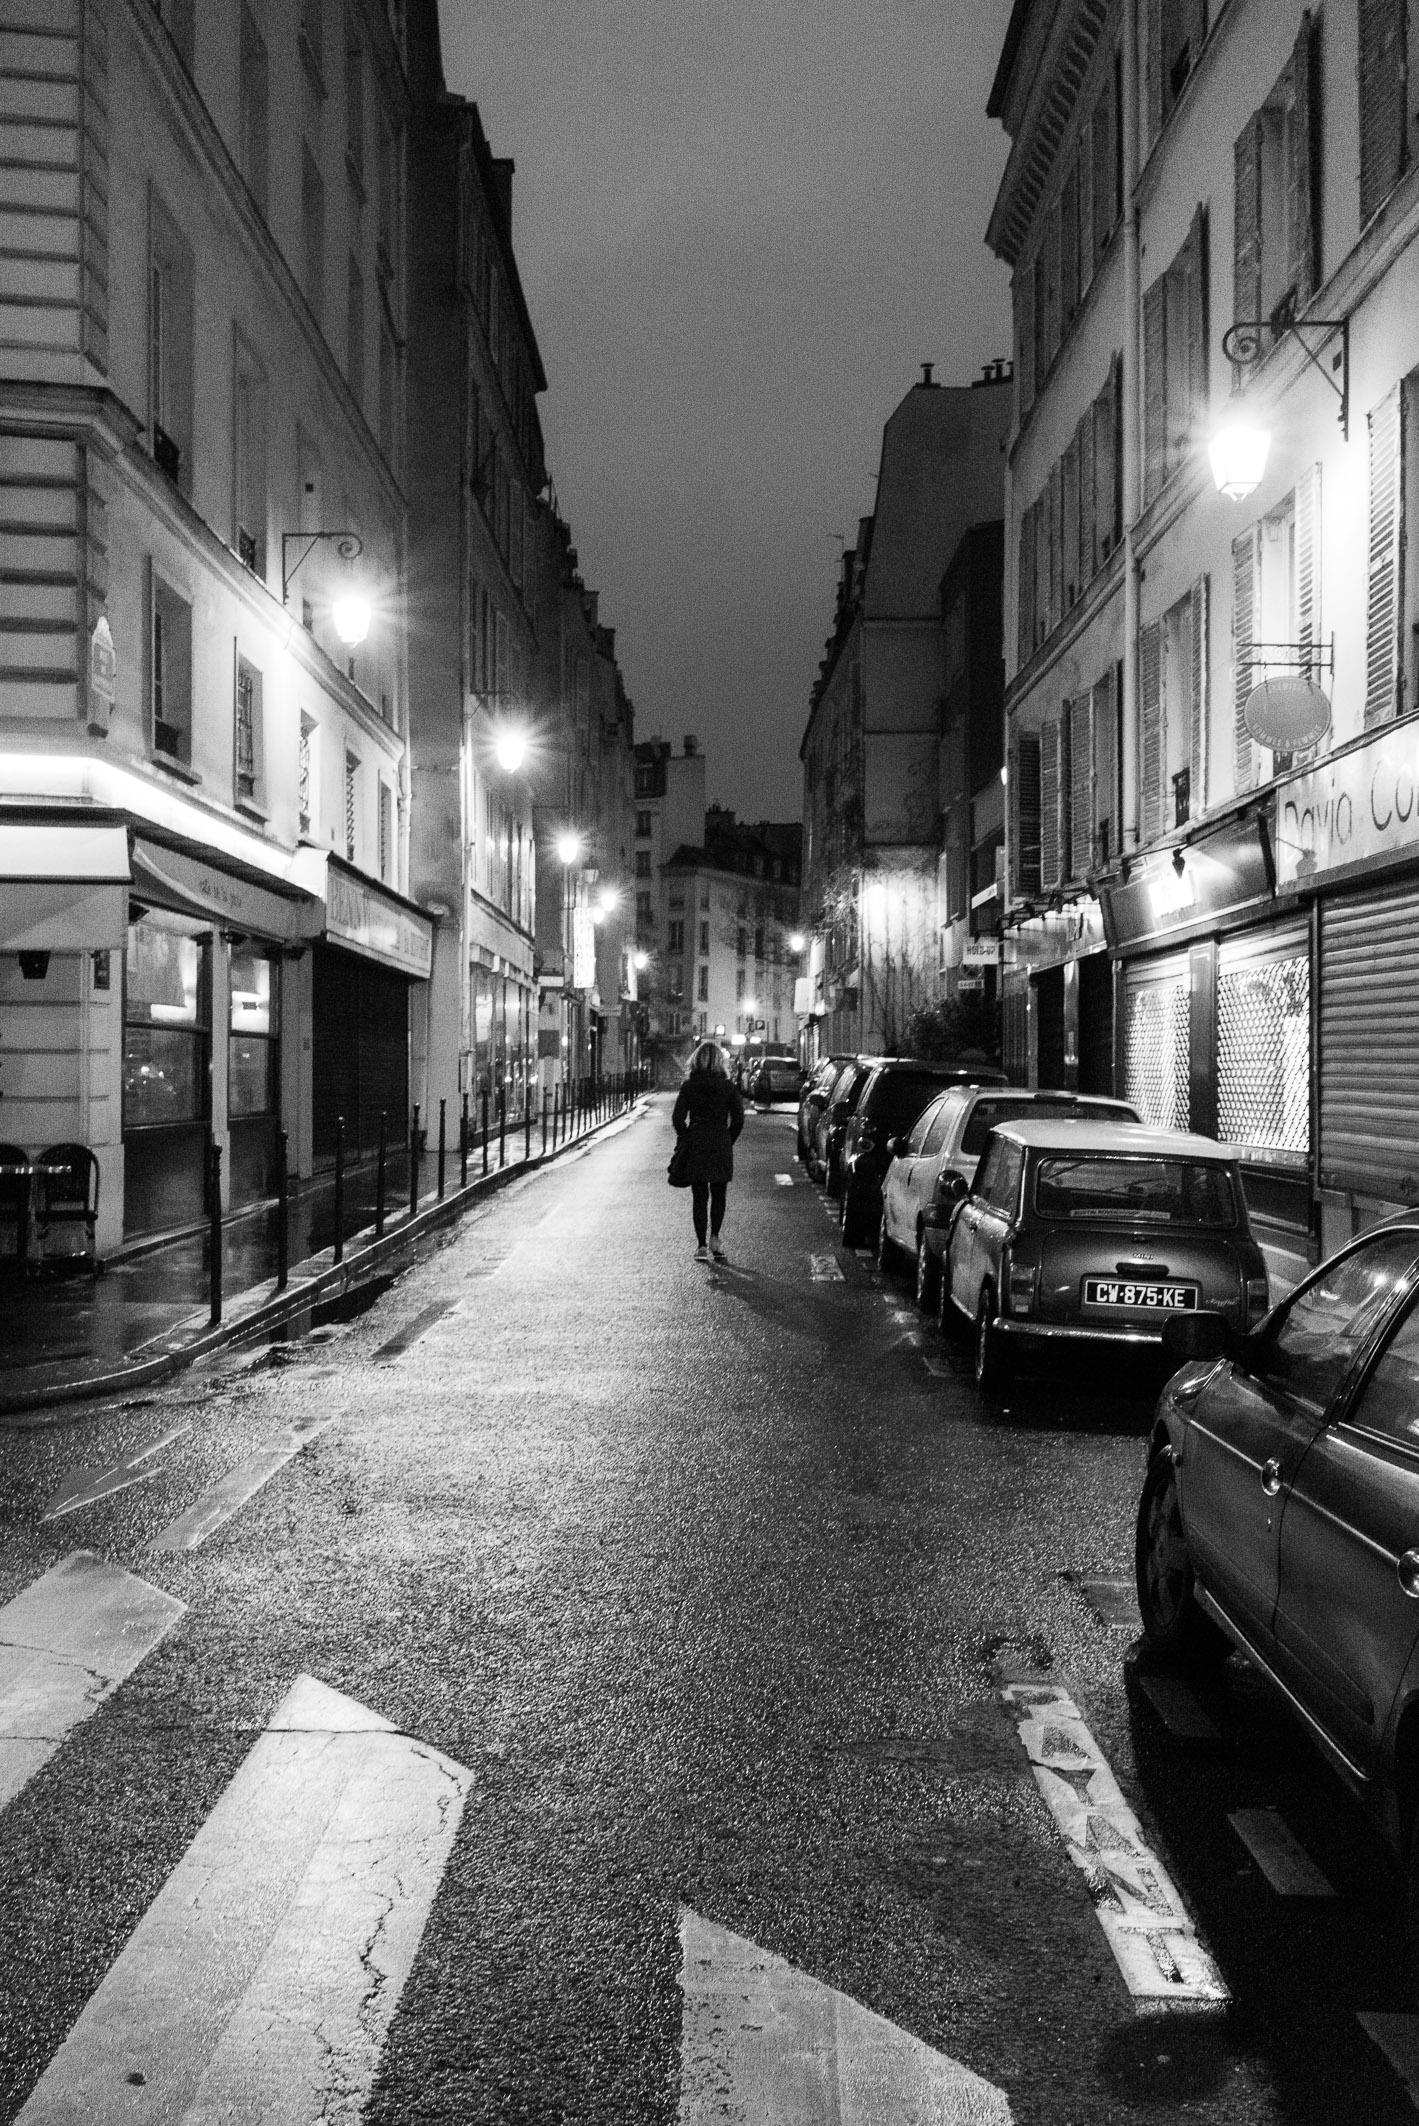 erwt paris-83.jpg